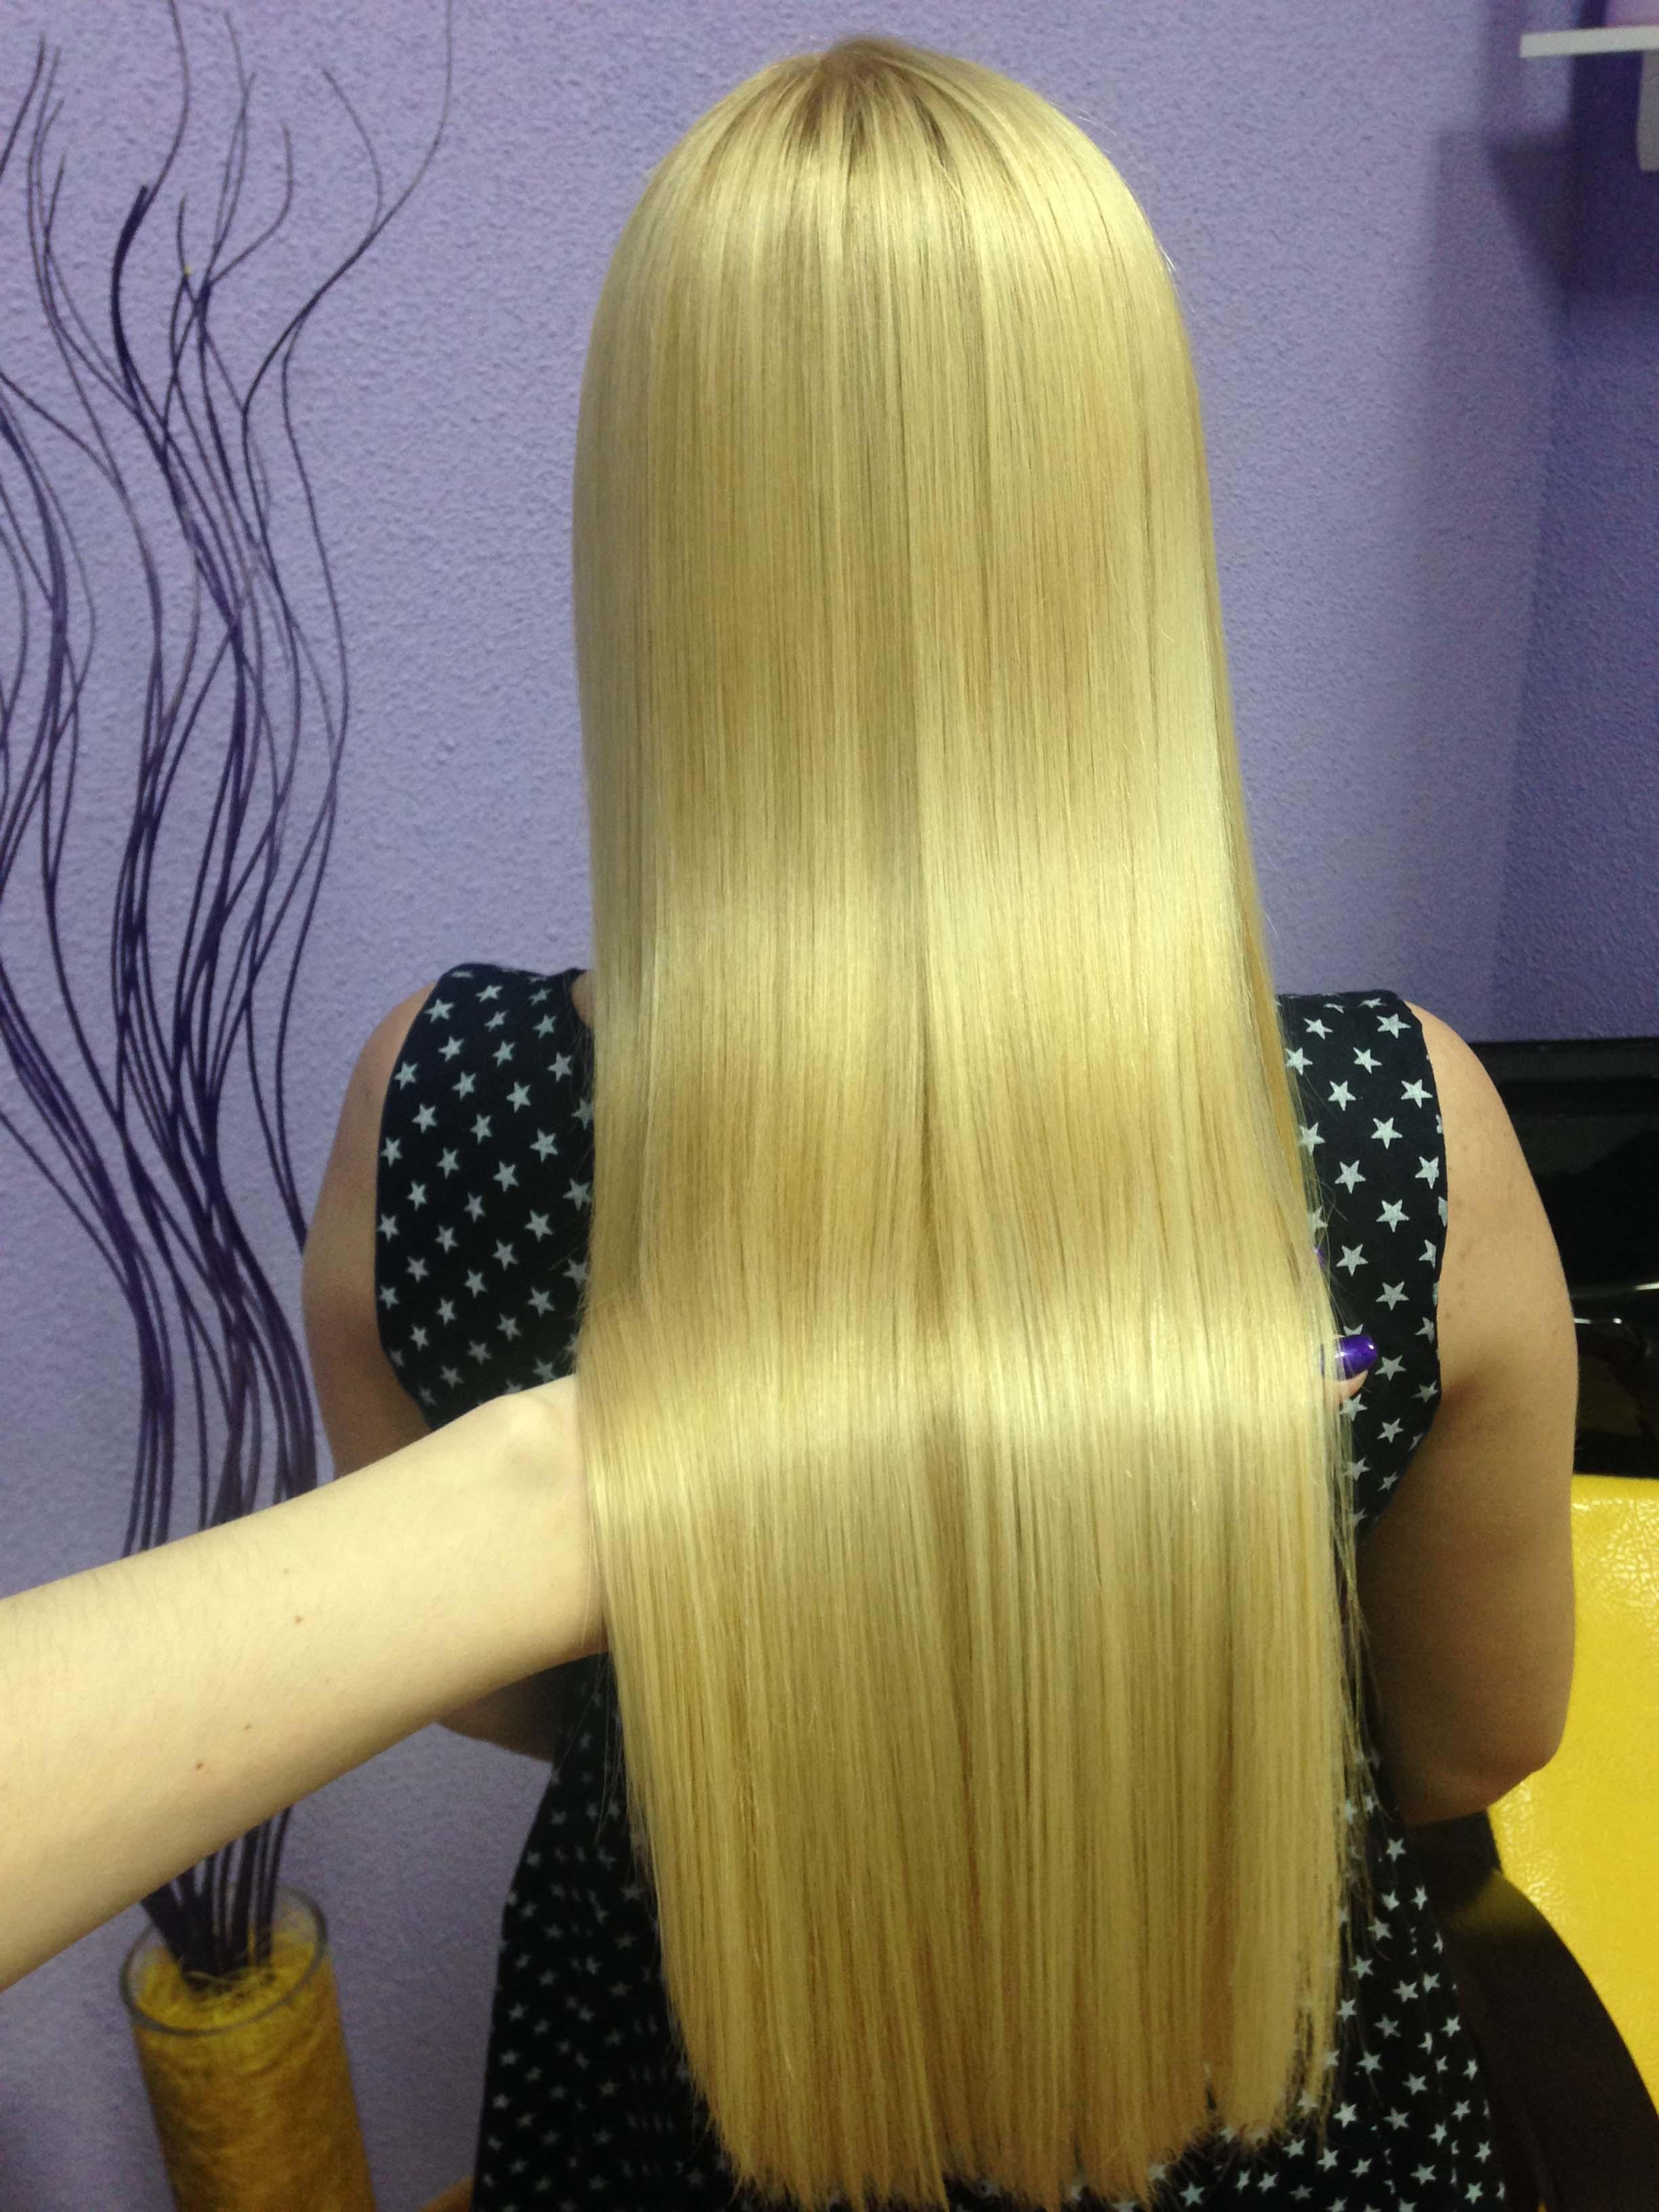 Кератиновое выпрямление и лечение, биксипластия, ботокс и реконструкция волос, комплексы от 25 руб.